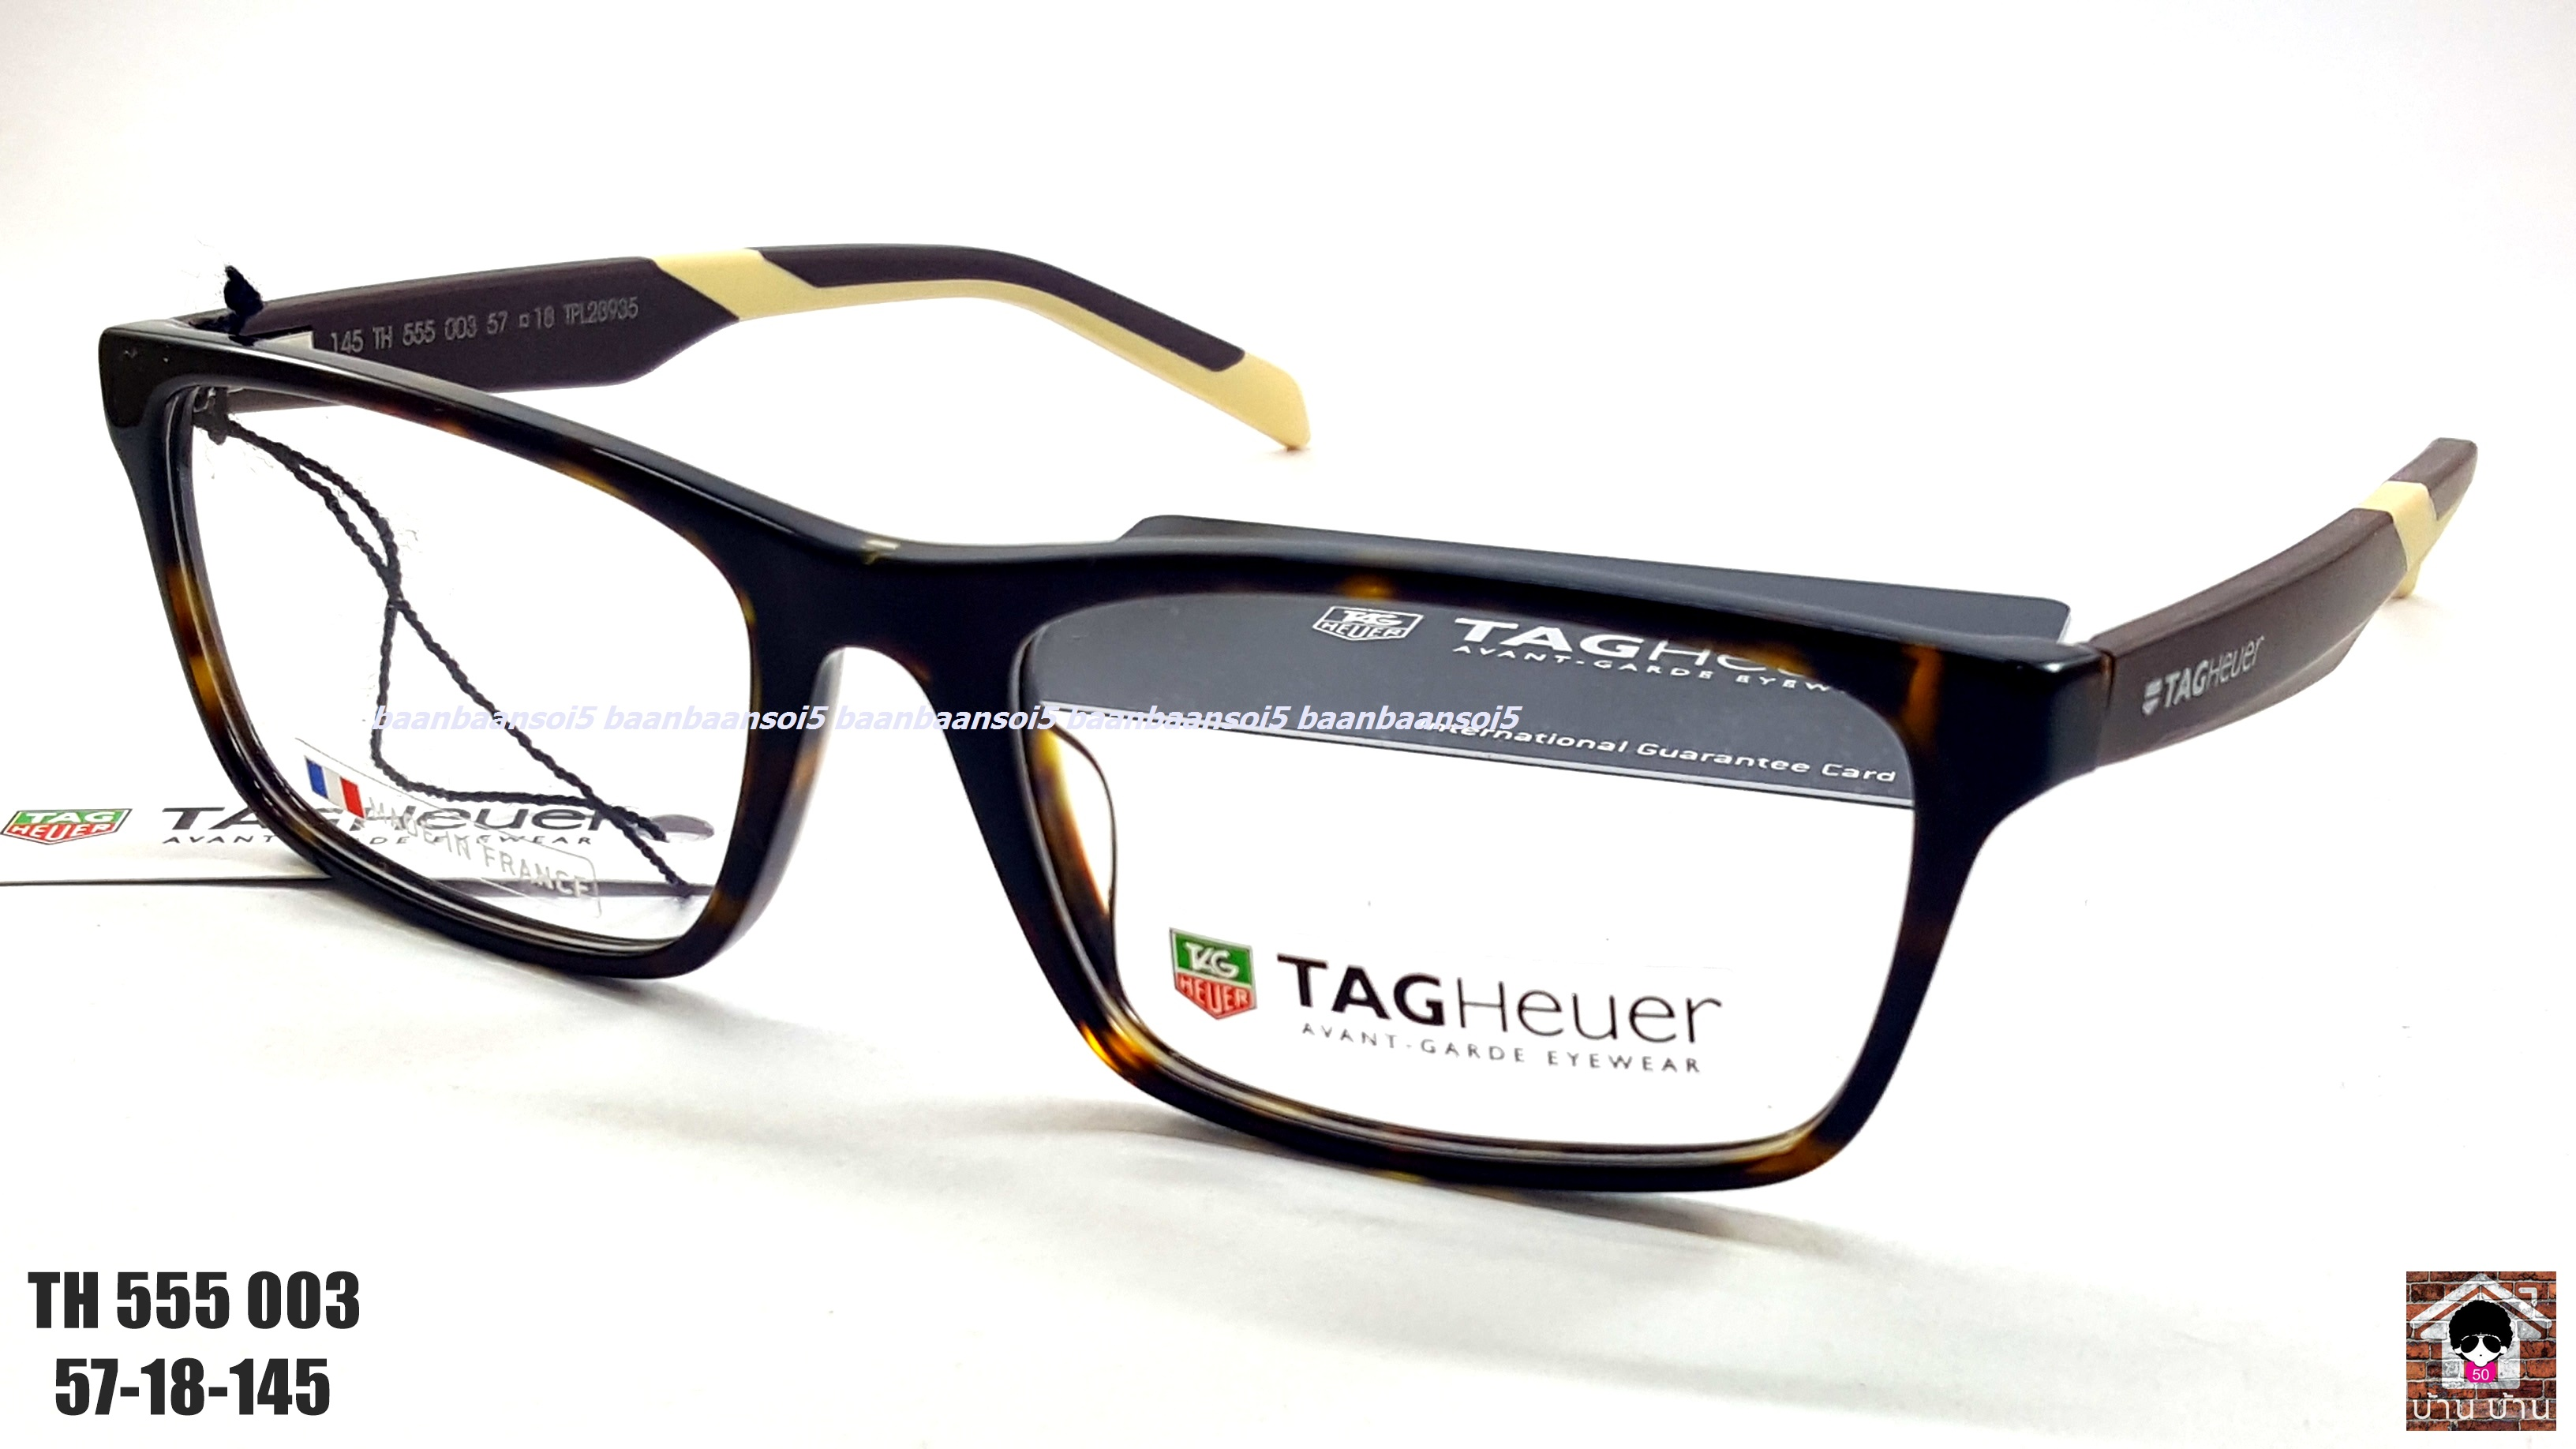 TAG HEUER TH 555 003 Eyeglasses Authentic โปรโมชั่น กรอบแว่นตาพร้อมเลนส์ HOYA ราคา 6,200 บาท